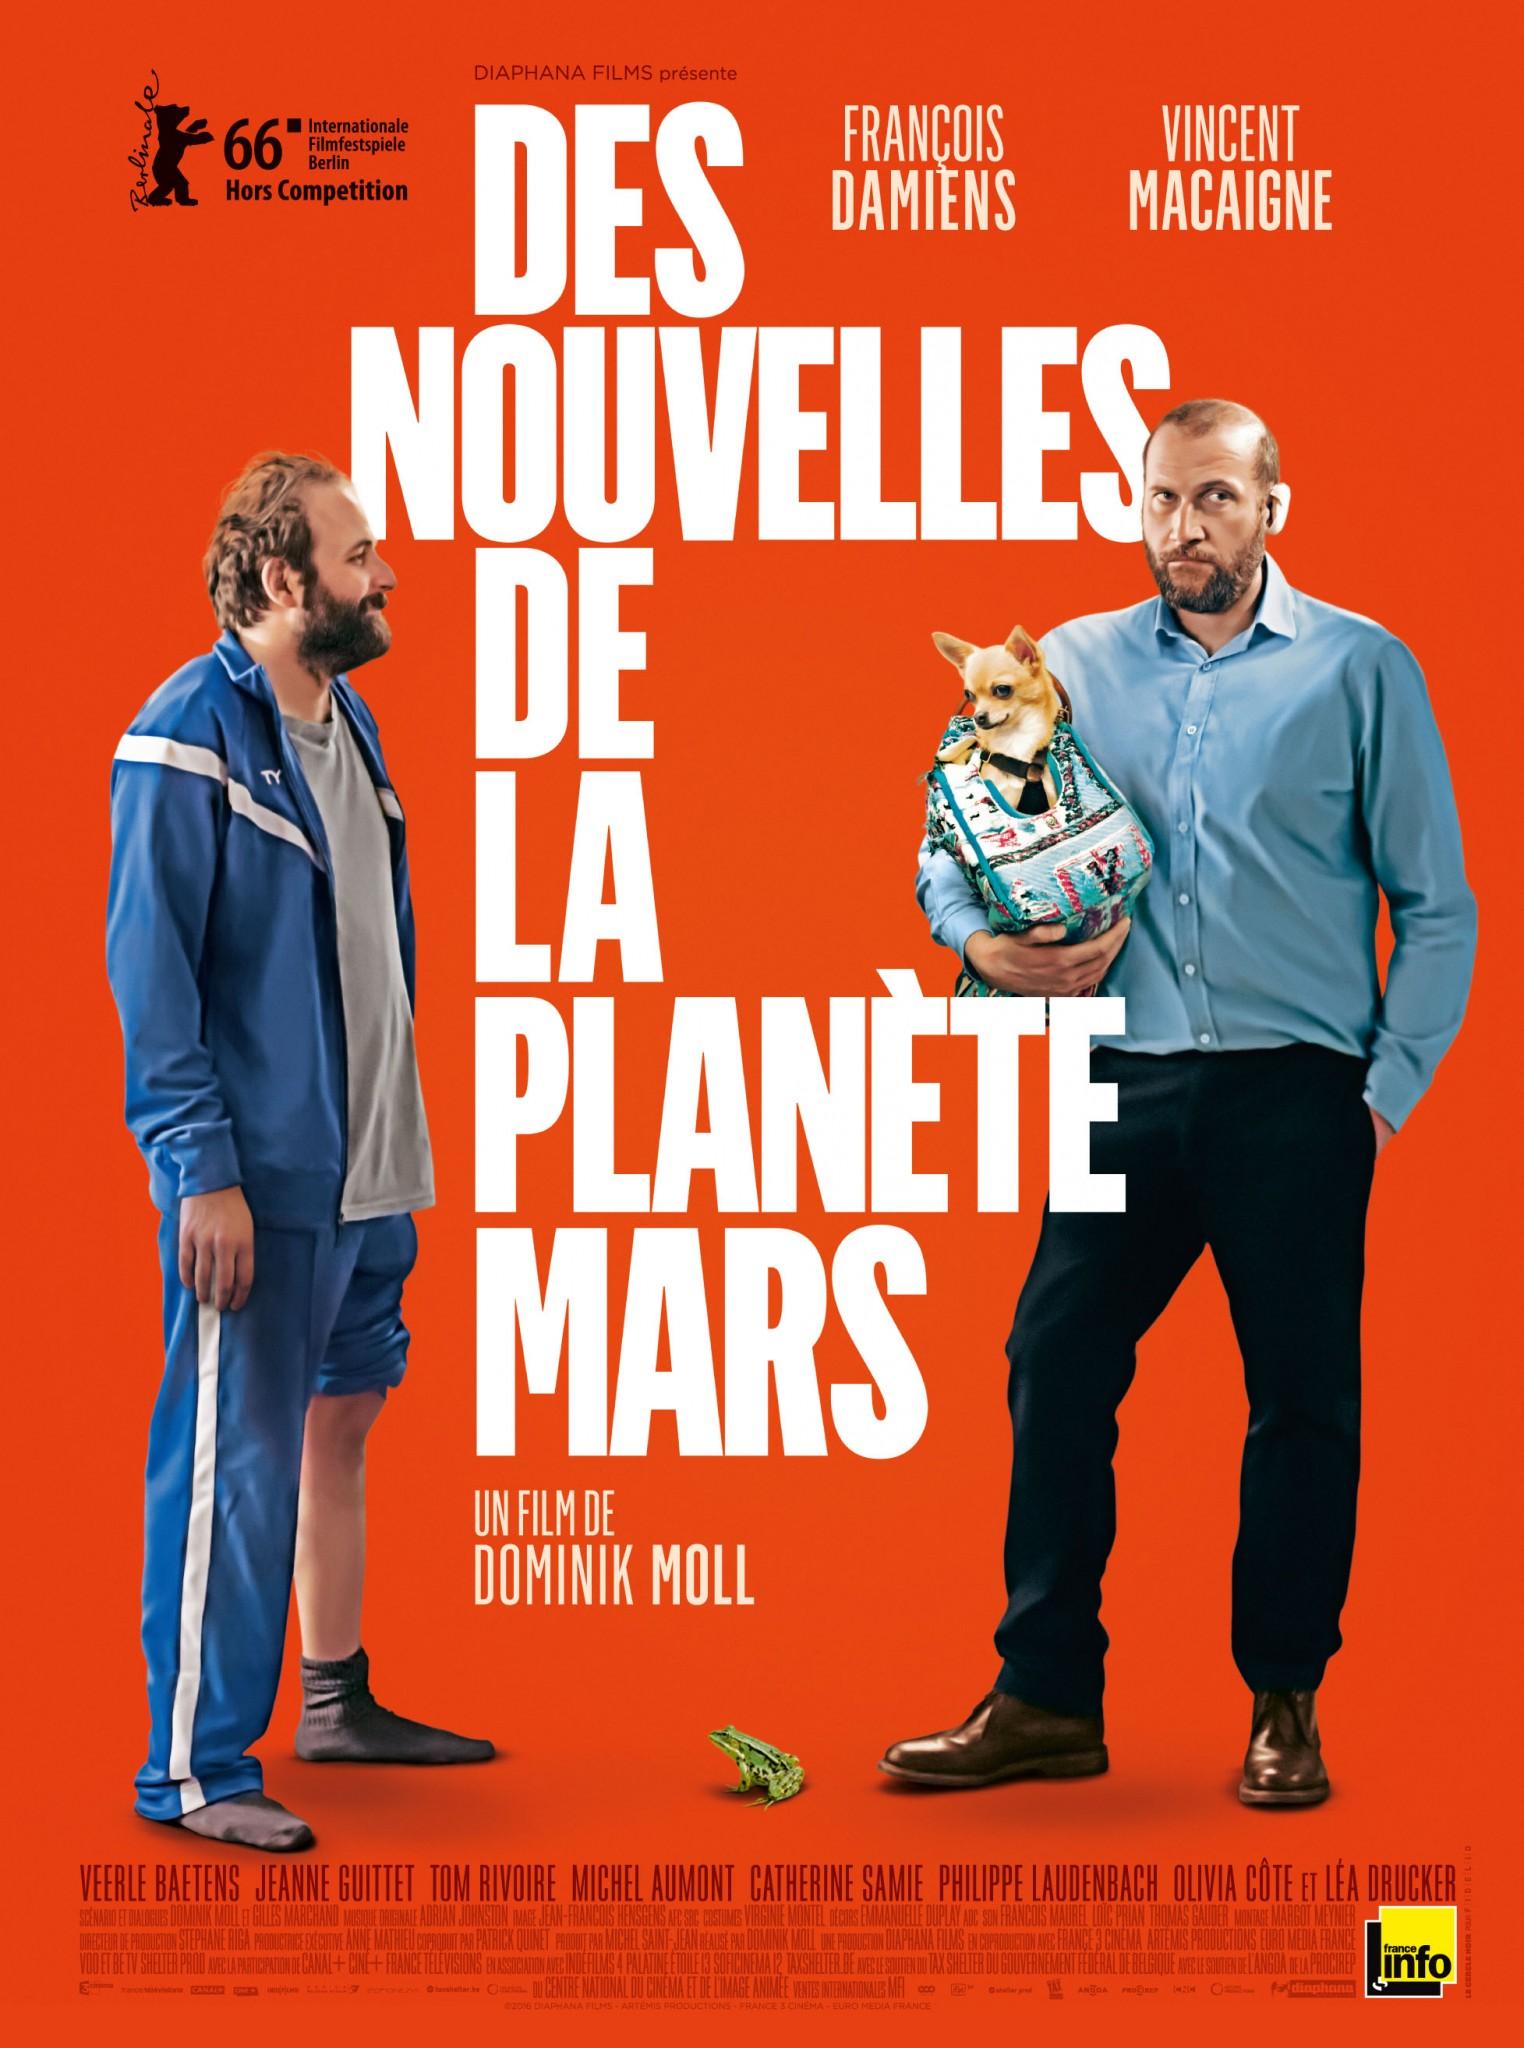 DES-NOUVELLES-DE-LA-PLANETE-MARS_affiche